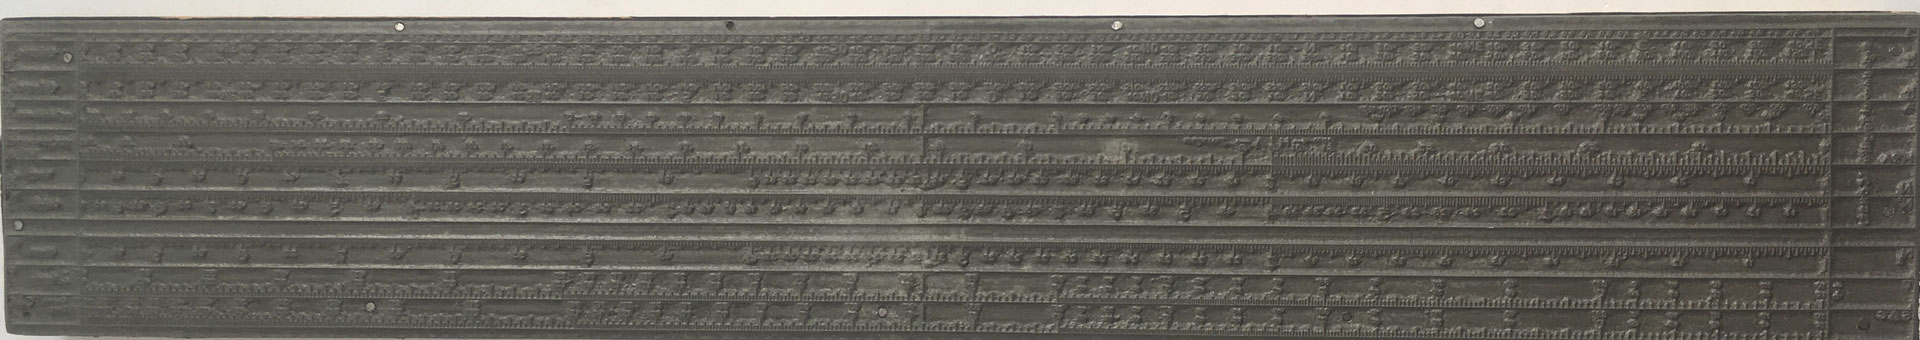 Cliché (matriz o plancha de imprenta) hecho en metal sobre base de madera para máquina plana de la Regla Universal Tipográfica CONDE (modelo 2), 43.5x7.5 cm